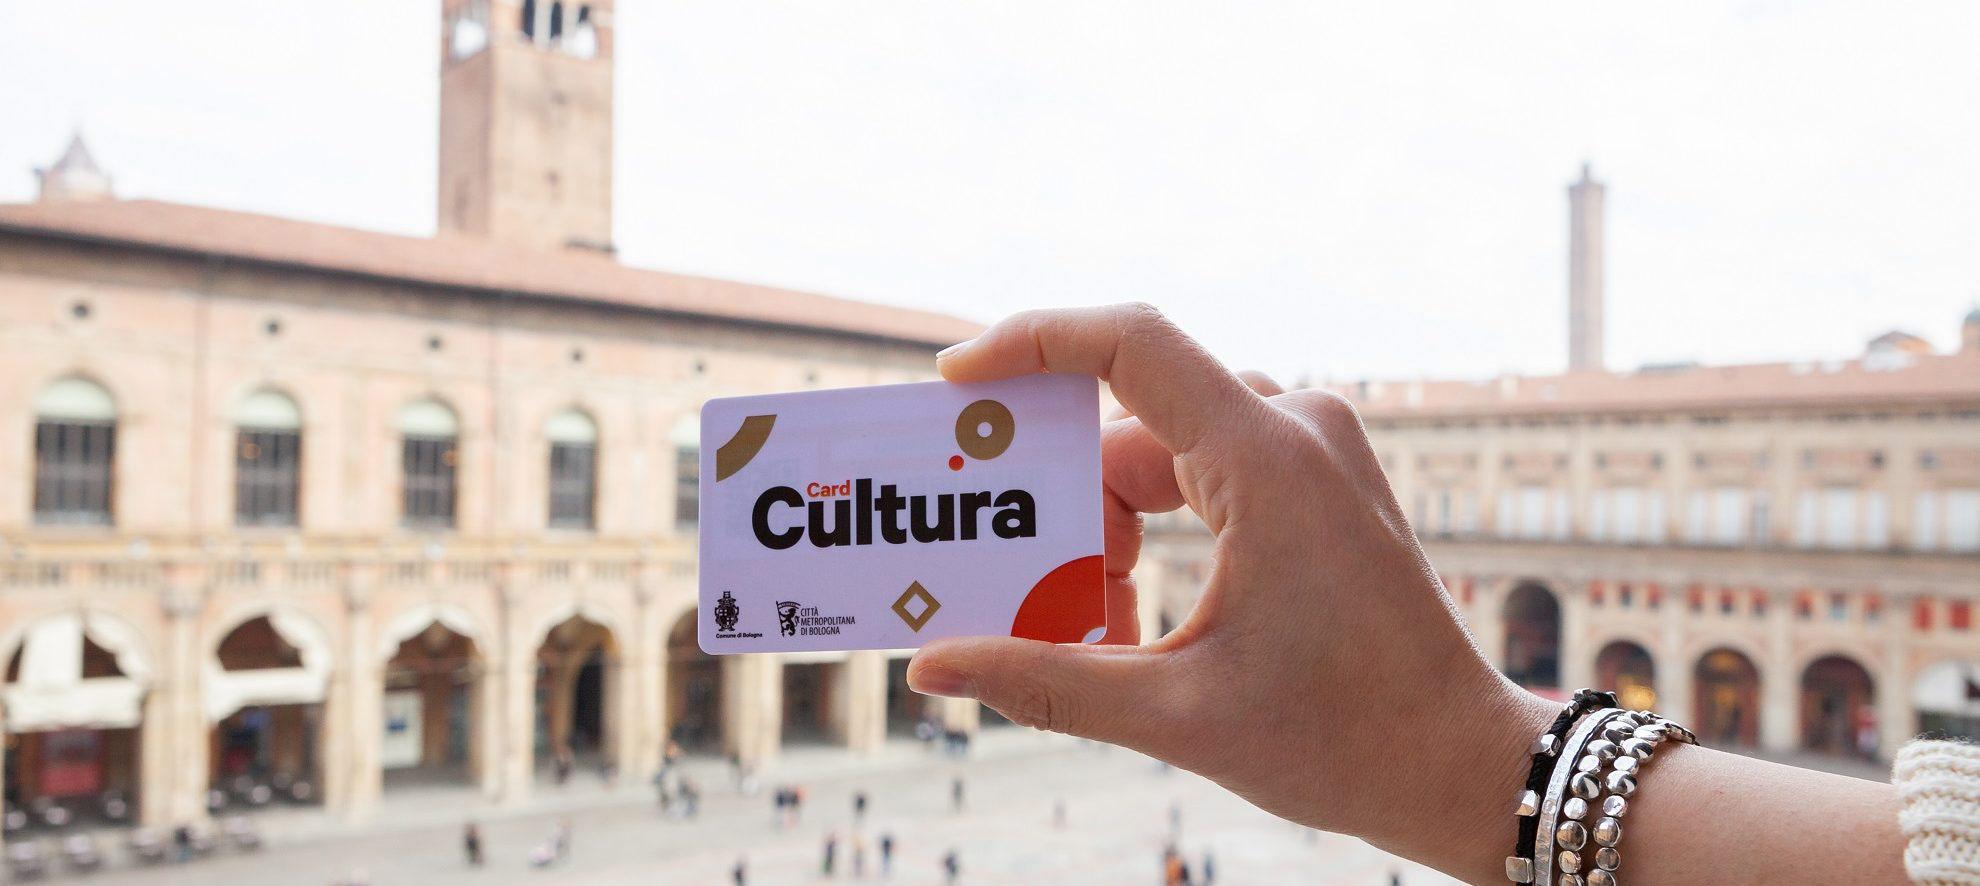 A Bologna nasce la Card Cultura per 12 mesi gratis nei musei e riduzioni per mostre, teatri, cinema e concerti